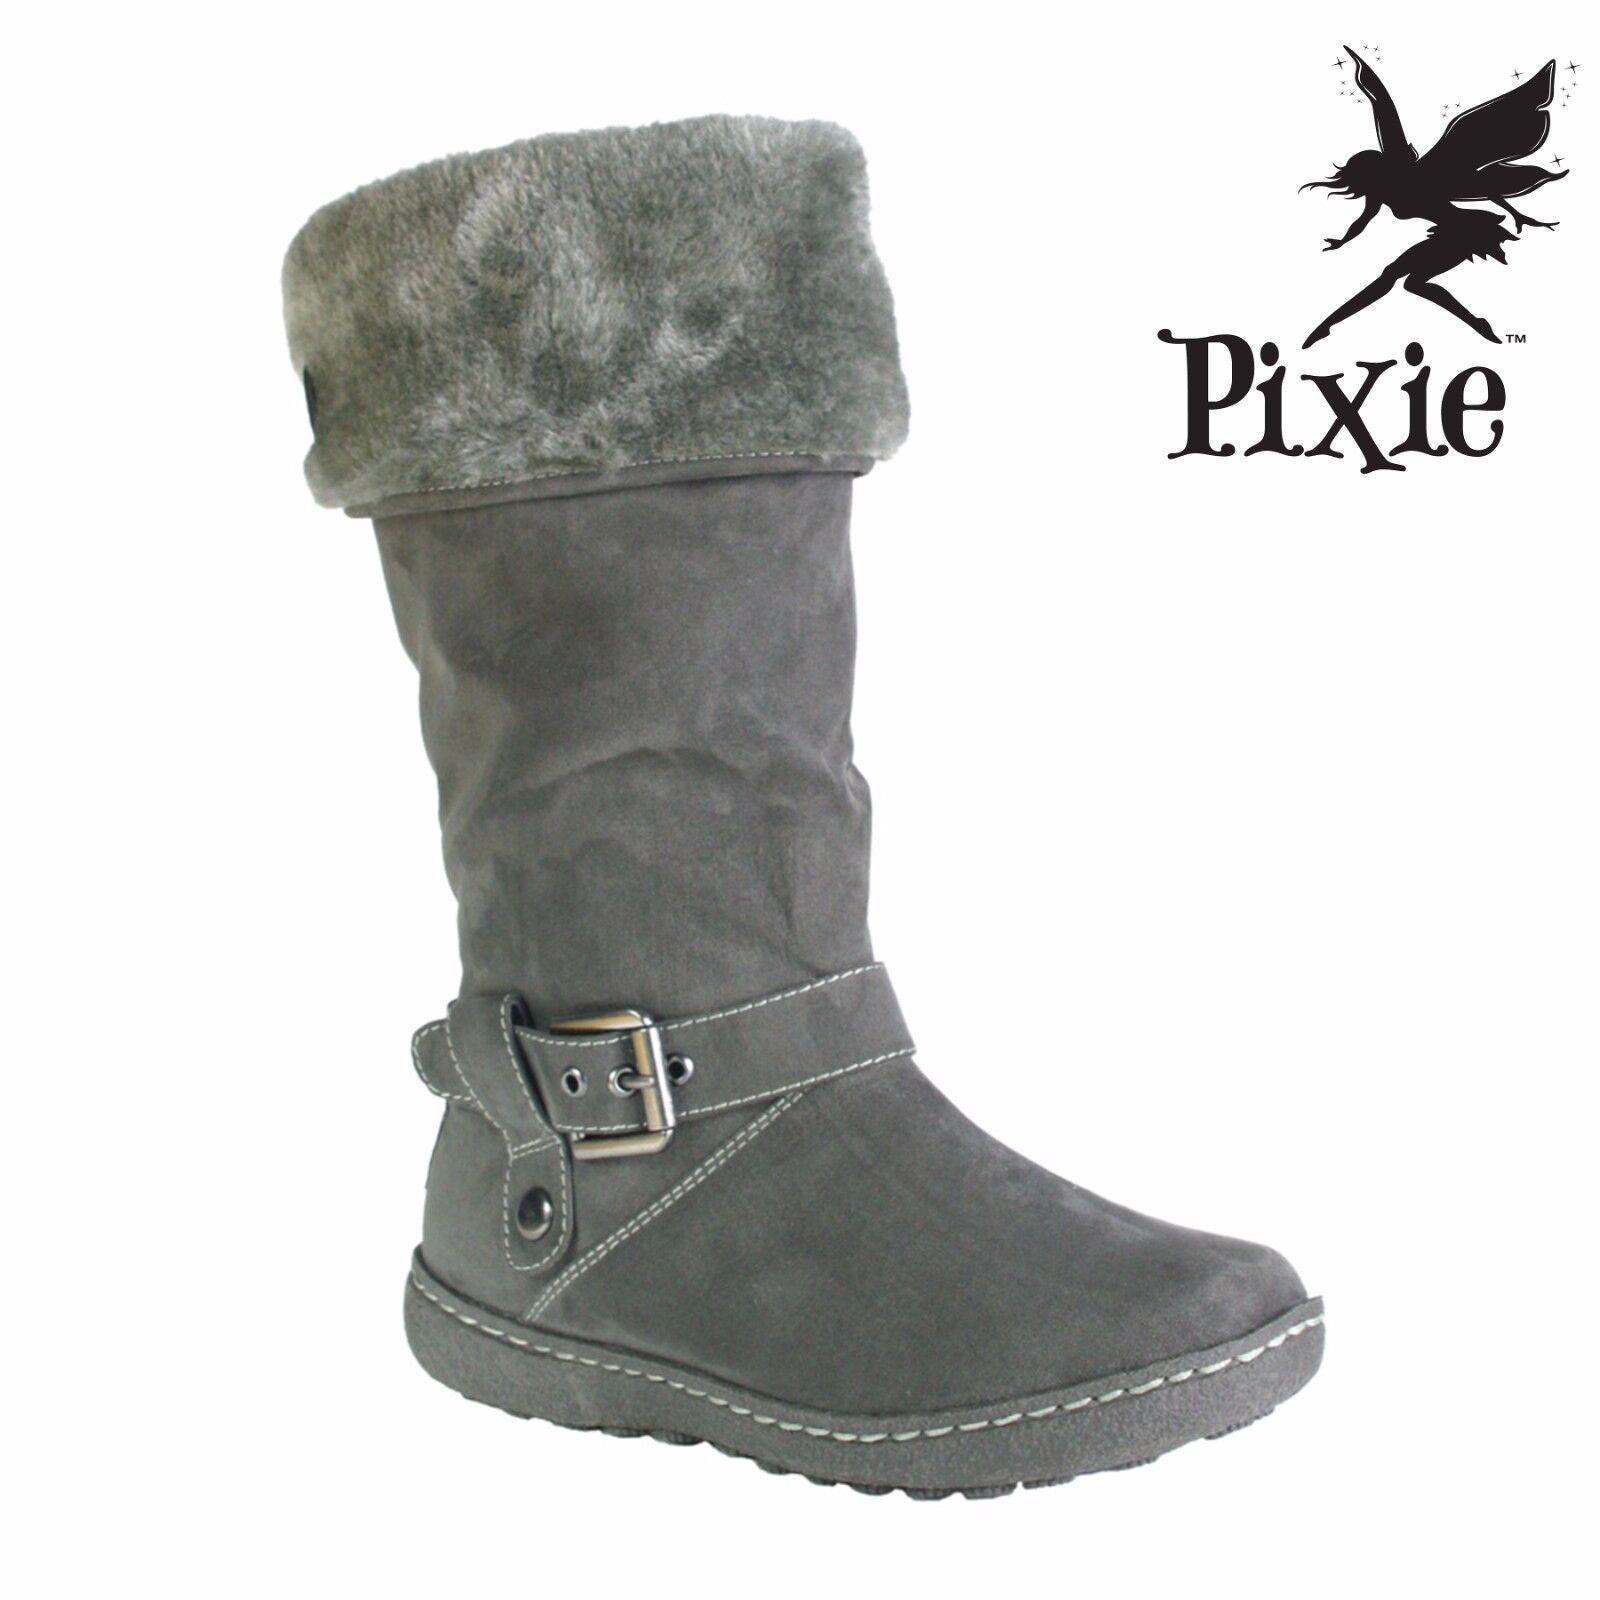 100% di contro garanzia genuina Pixie calzature Lilly Stivali Da Donna Regno Unito TAGLIE 3 3 3 - 8 nella casella Nuovo di Zecca  colorways incredibili